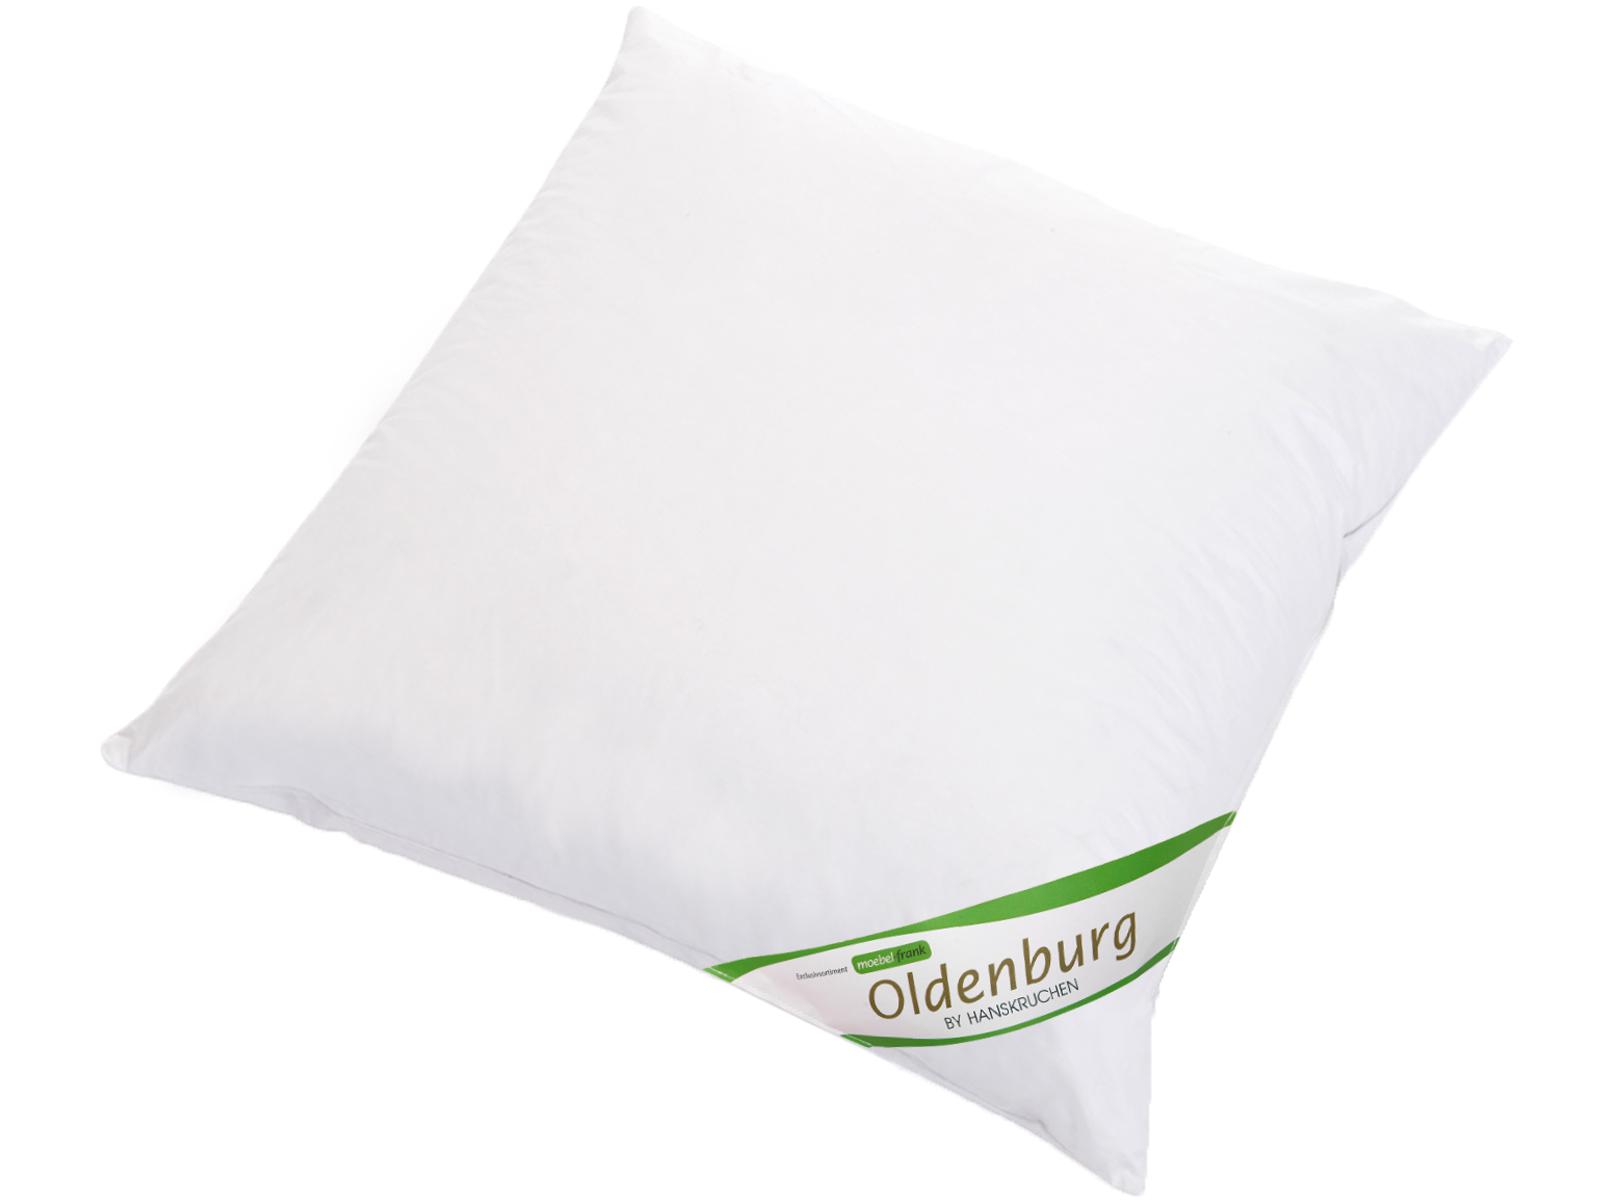 Kopfkissen neue weiße Landdaune und -federn Baumwolle Oldenburg 80x80cm und 40x80cm Hanskruchen – Bild 8